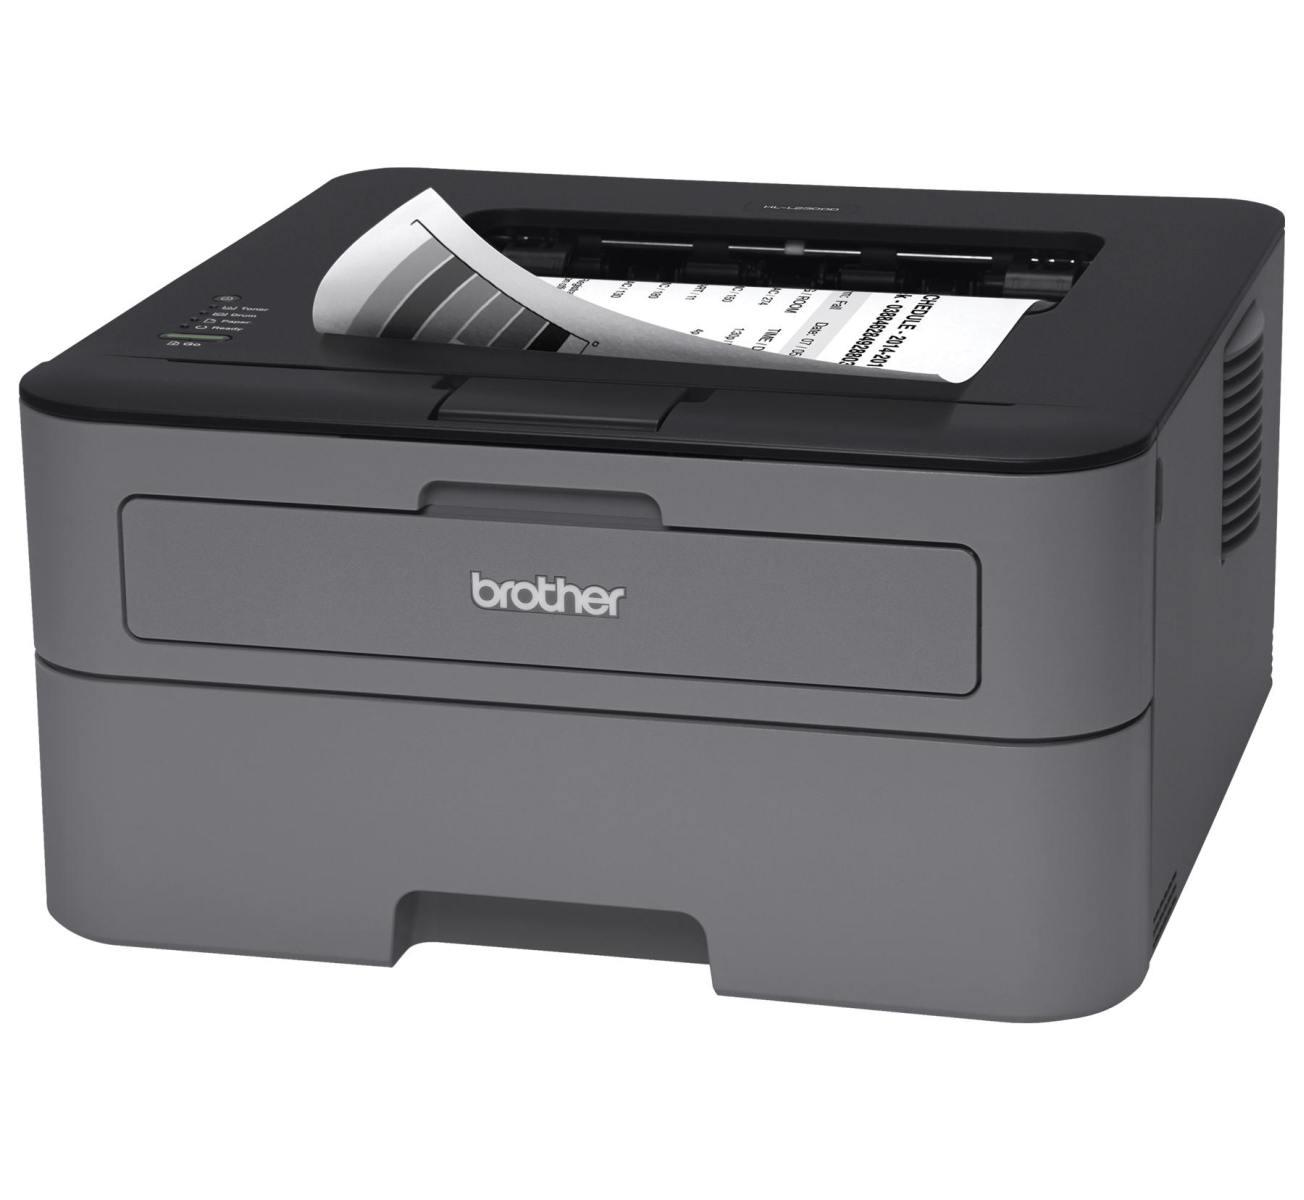 BROTHER tiskárna laserová mono HL-L2300D - A4, 26ppm, 2400x600, 8MB, GDI, USB 2.0